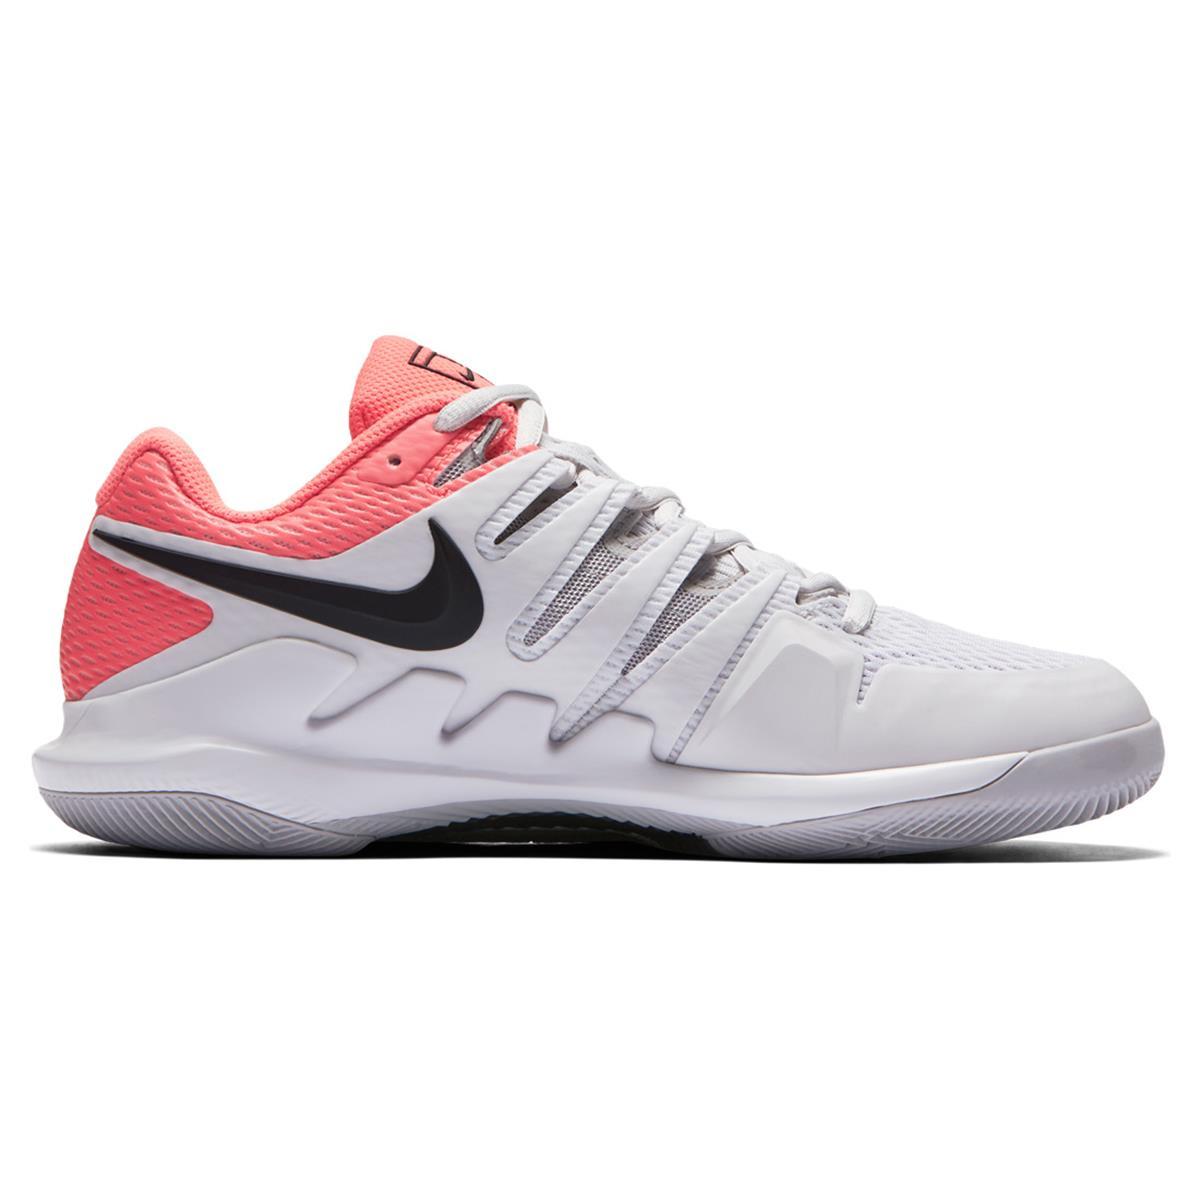 b78906e48ddb Nike Air Zoom Vapor 10 Womens Tennis Shoes